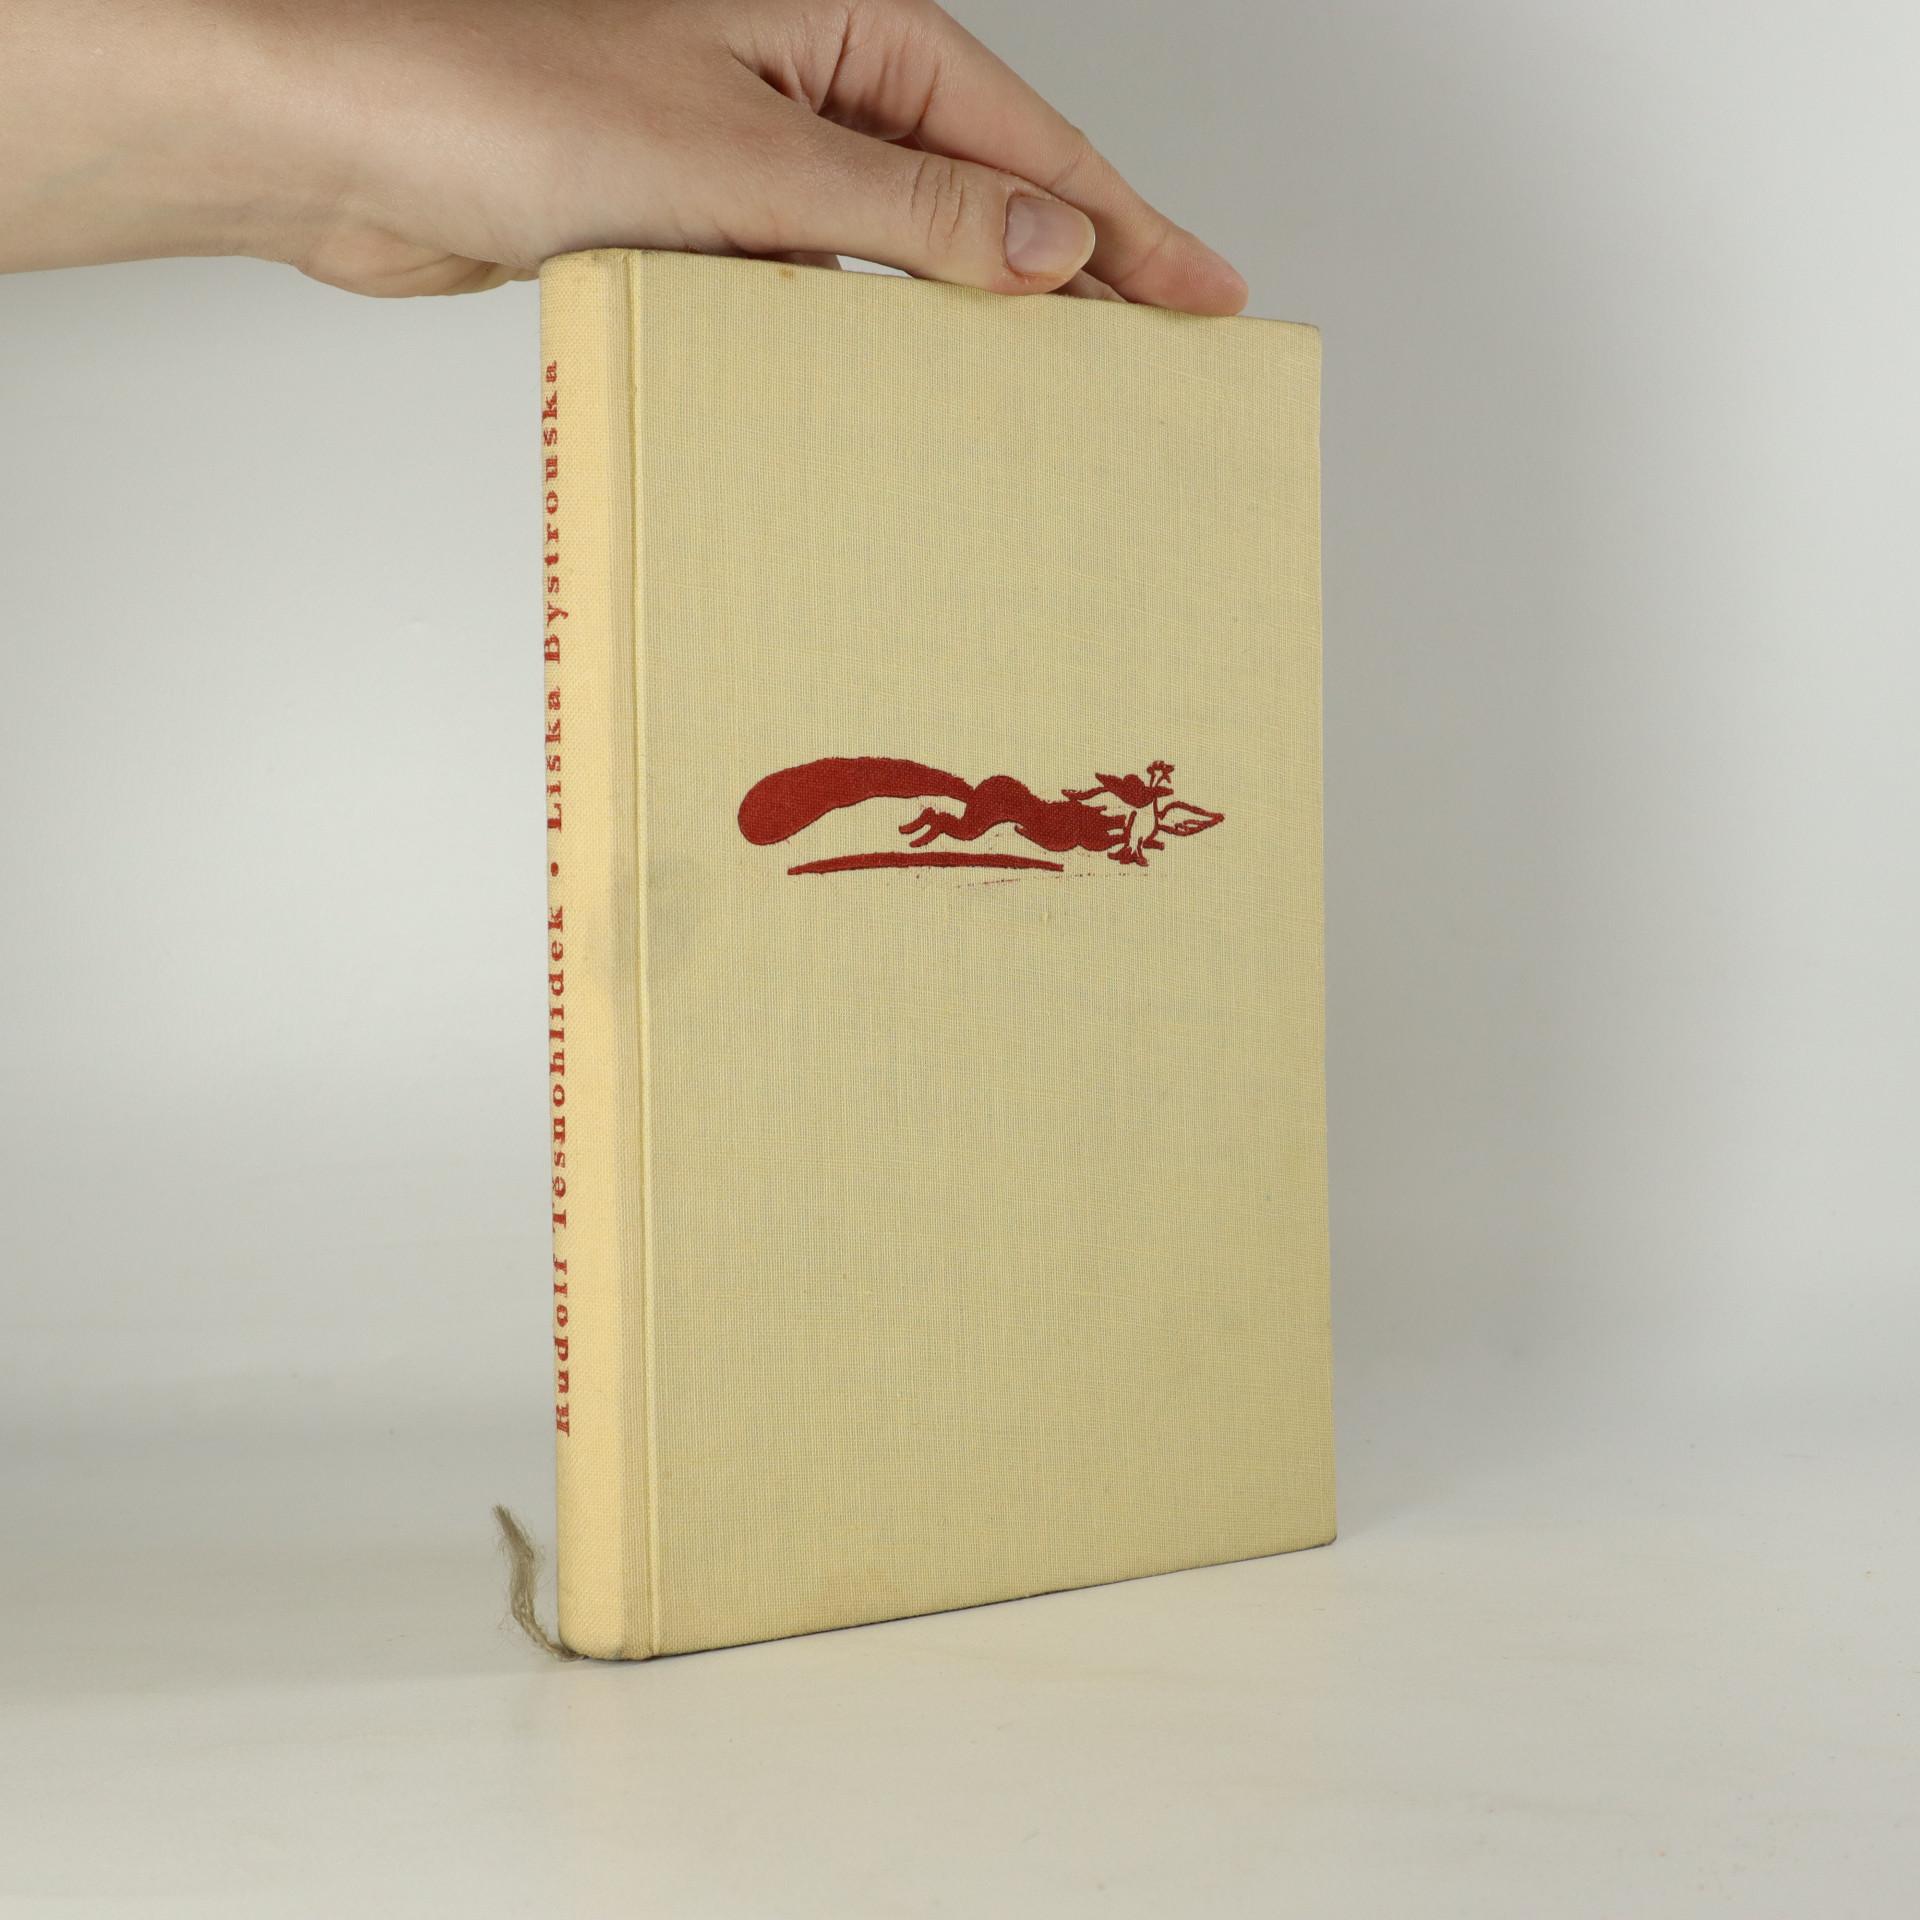 antikvární kniha Liška Bystrouška, 1954